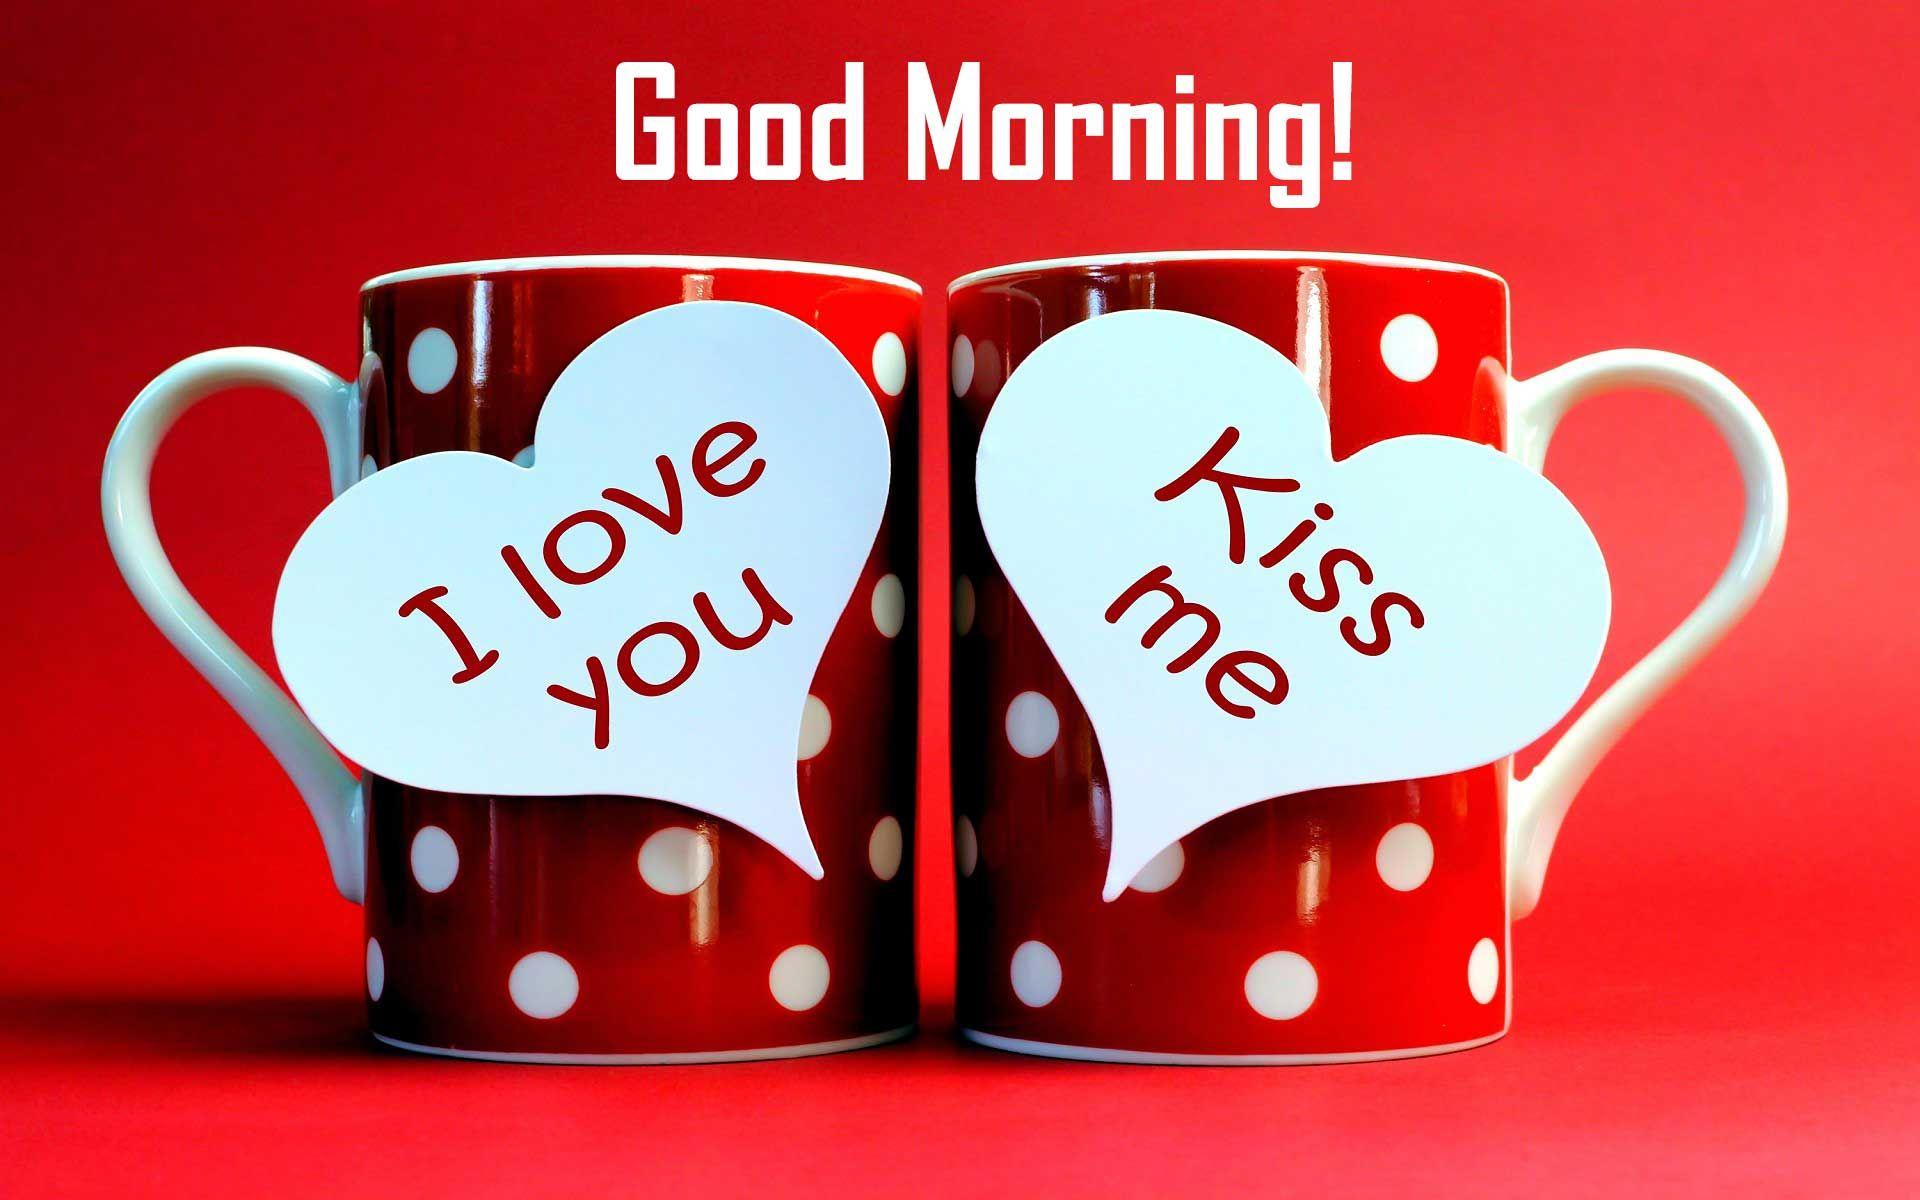 Ảnh chào buổi sáng người yêu